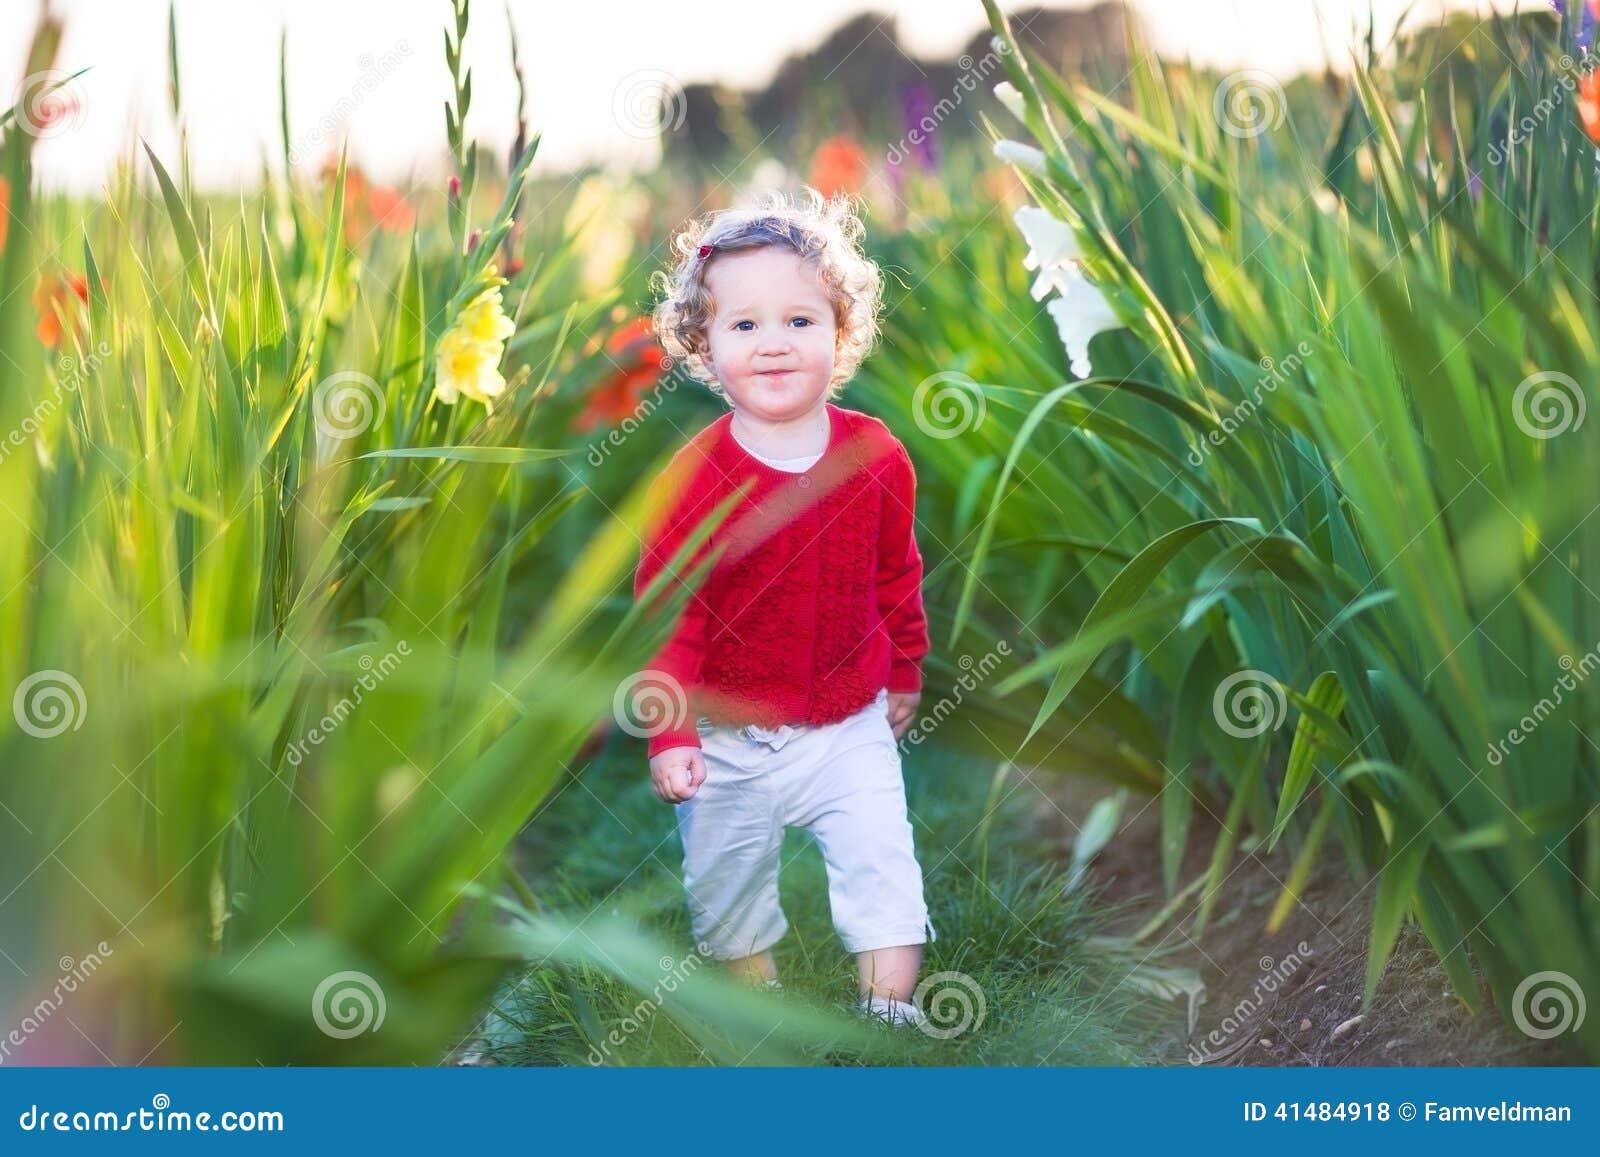 Cute Little Baby Girl Walking In A Field On Flowers Stock Photo